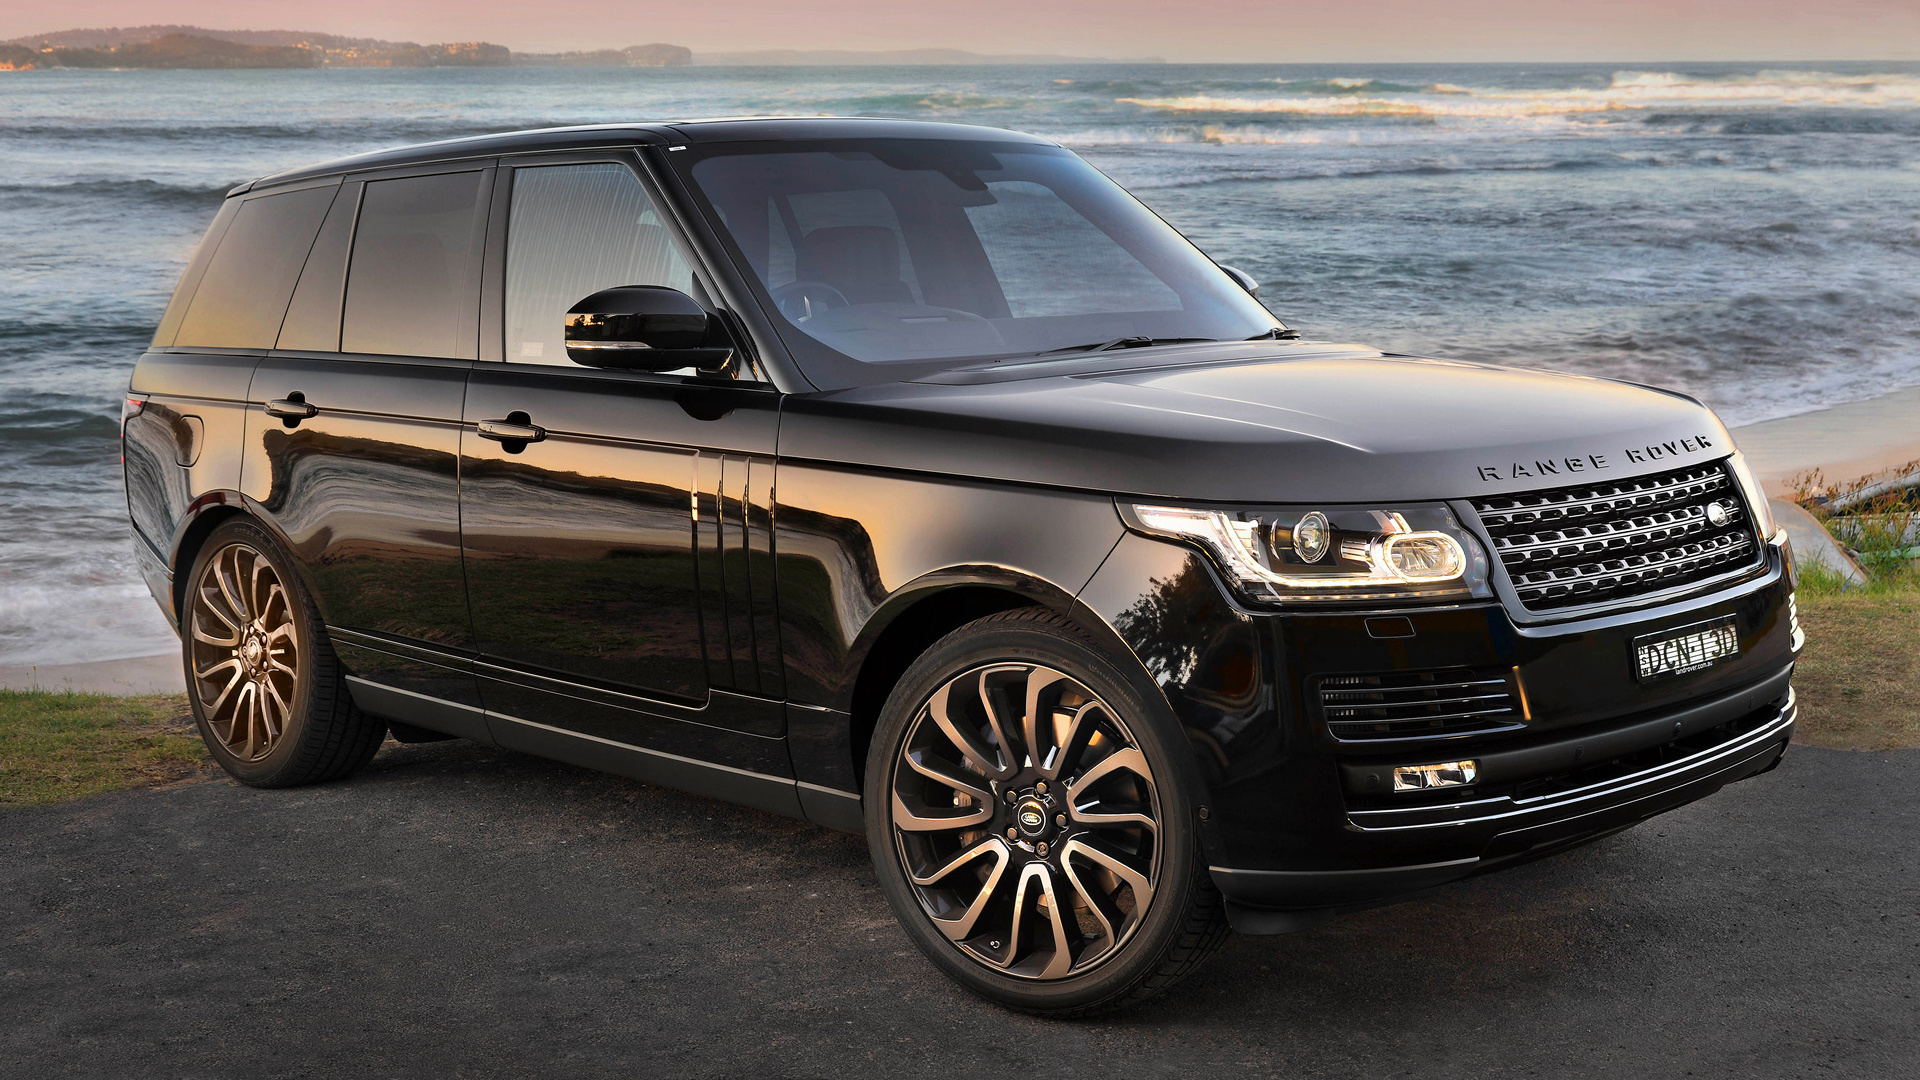 2013 Range Rover Vogue SE Black Design Pack (AU ...